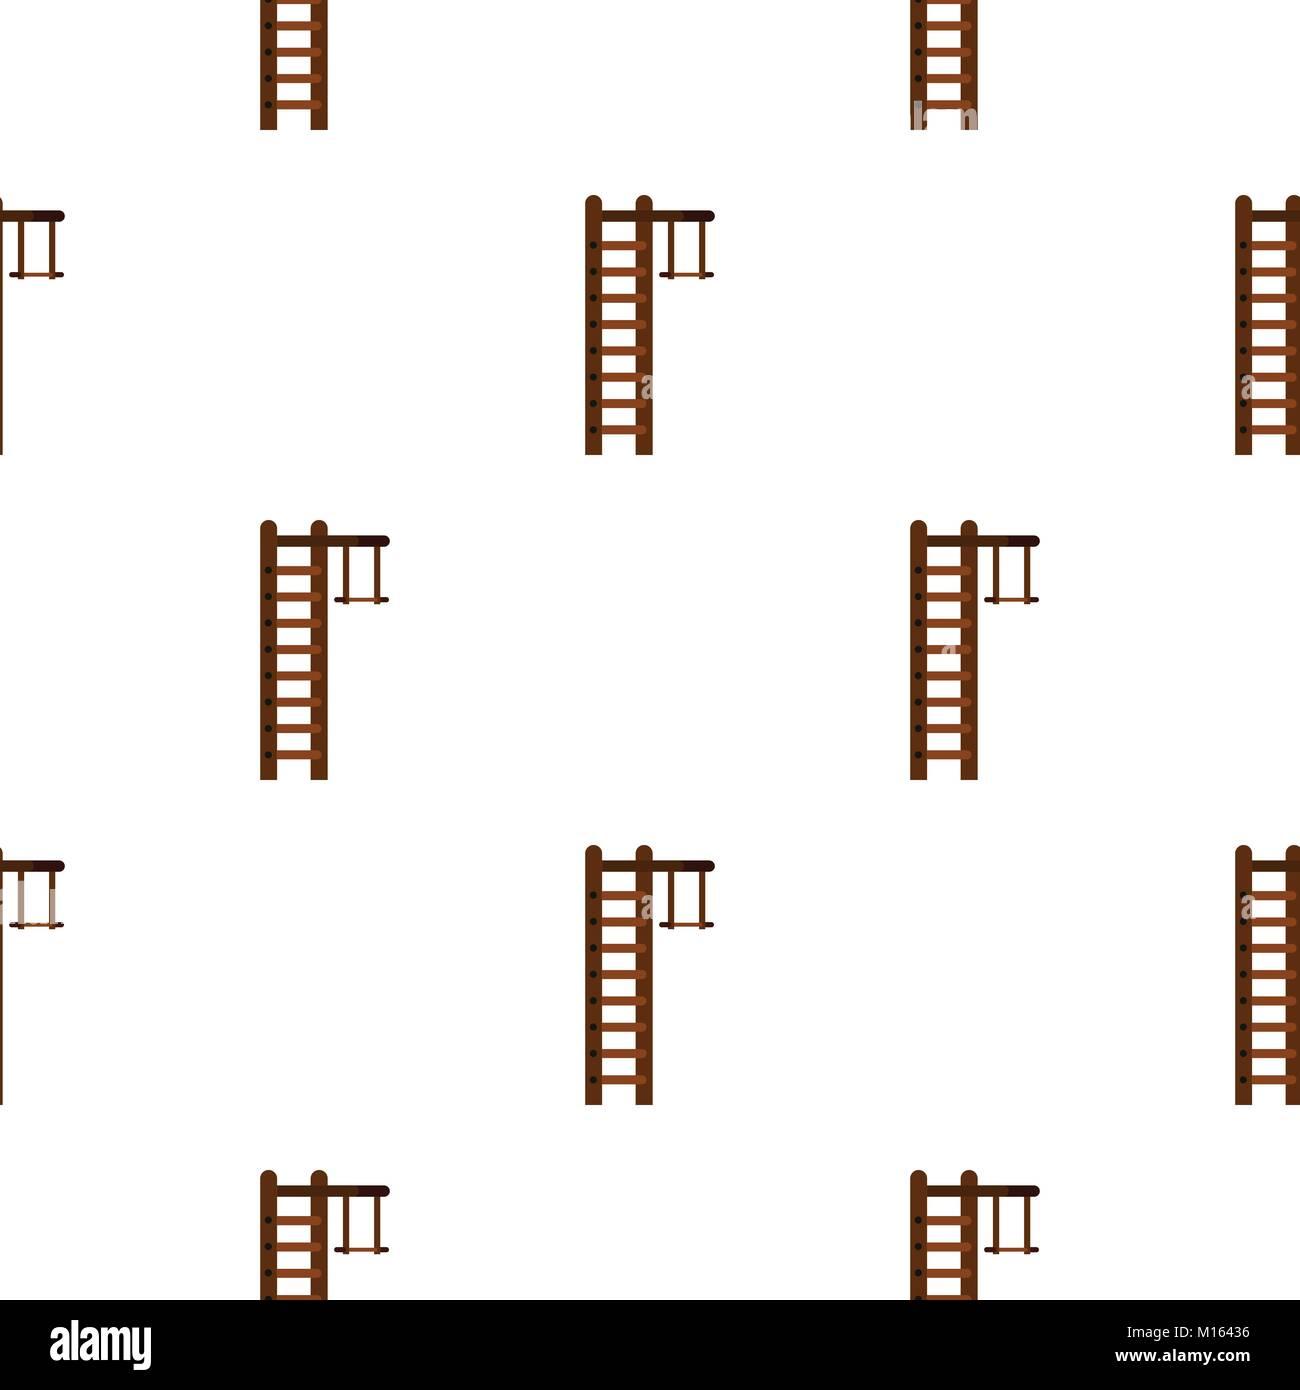 Swedish ladder pattern flat - Stock Image